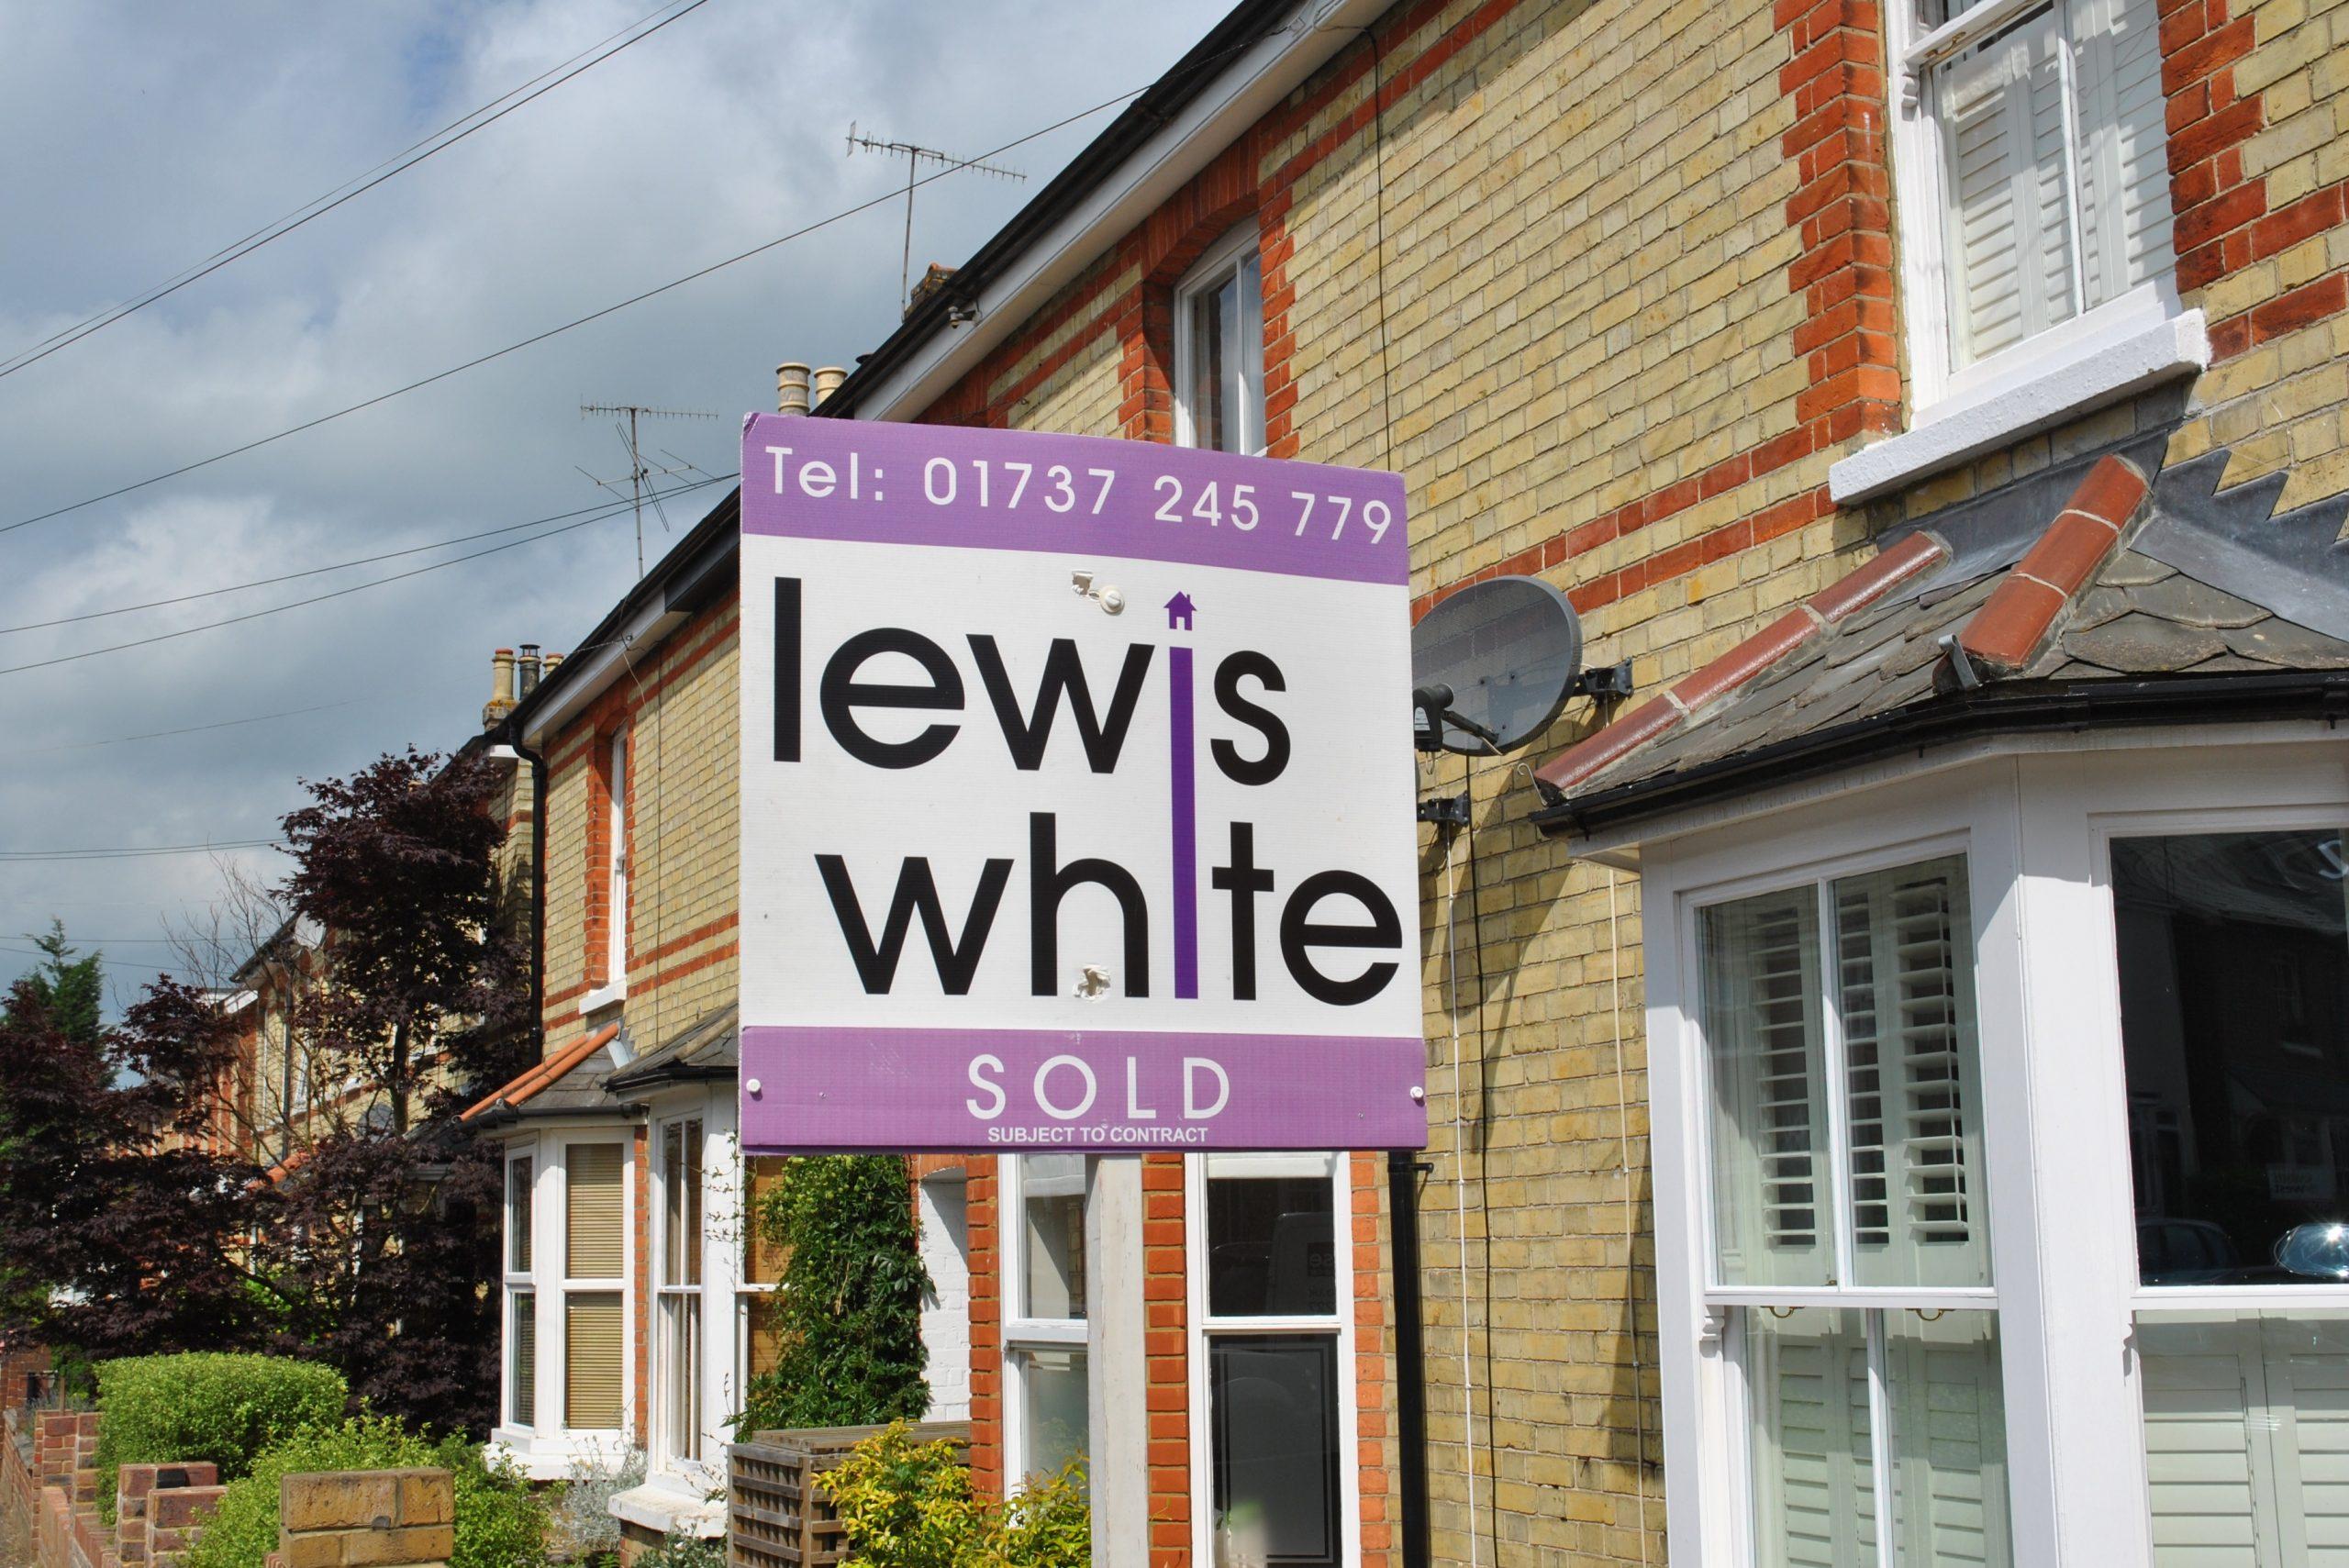 Lewis White pic 1